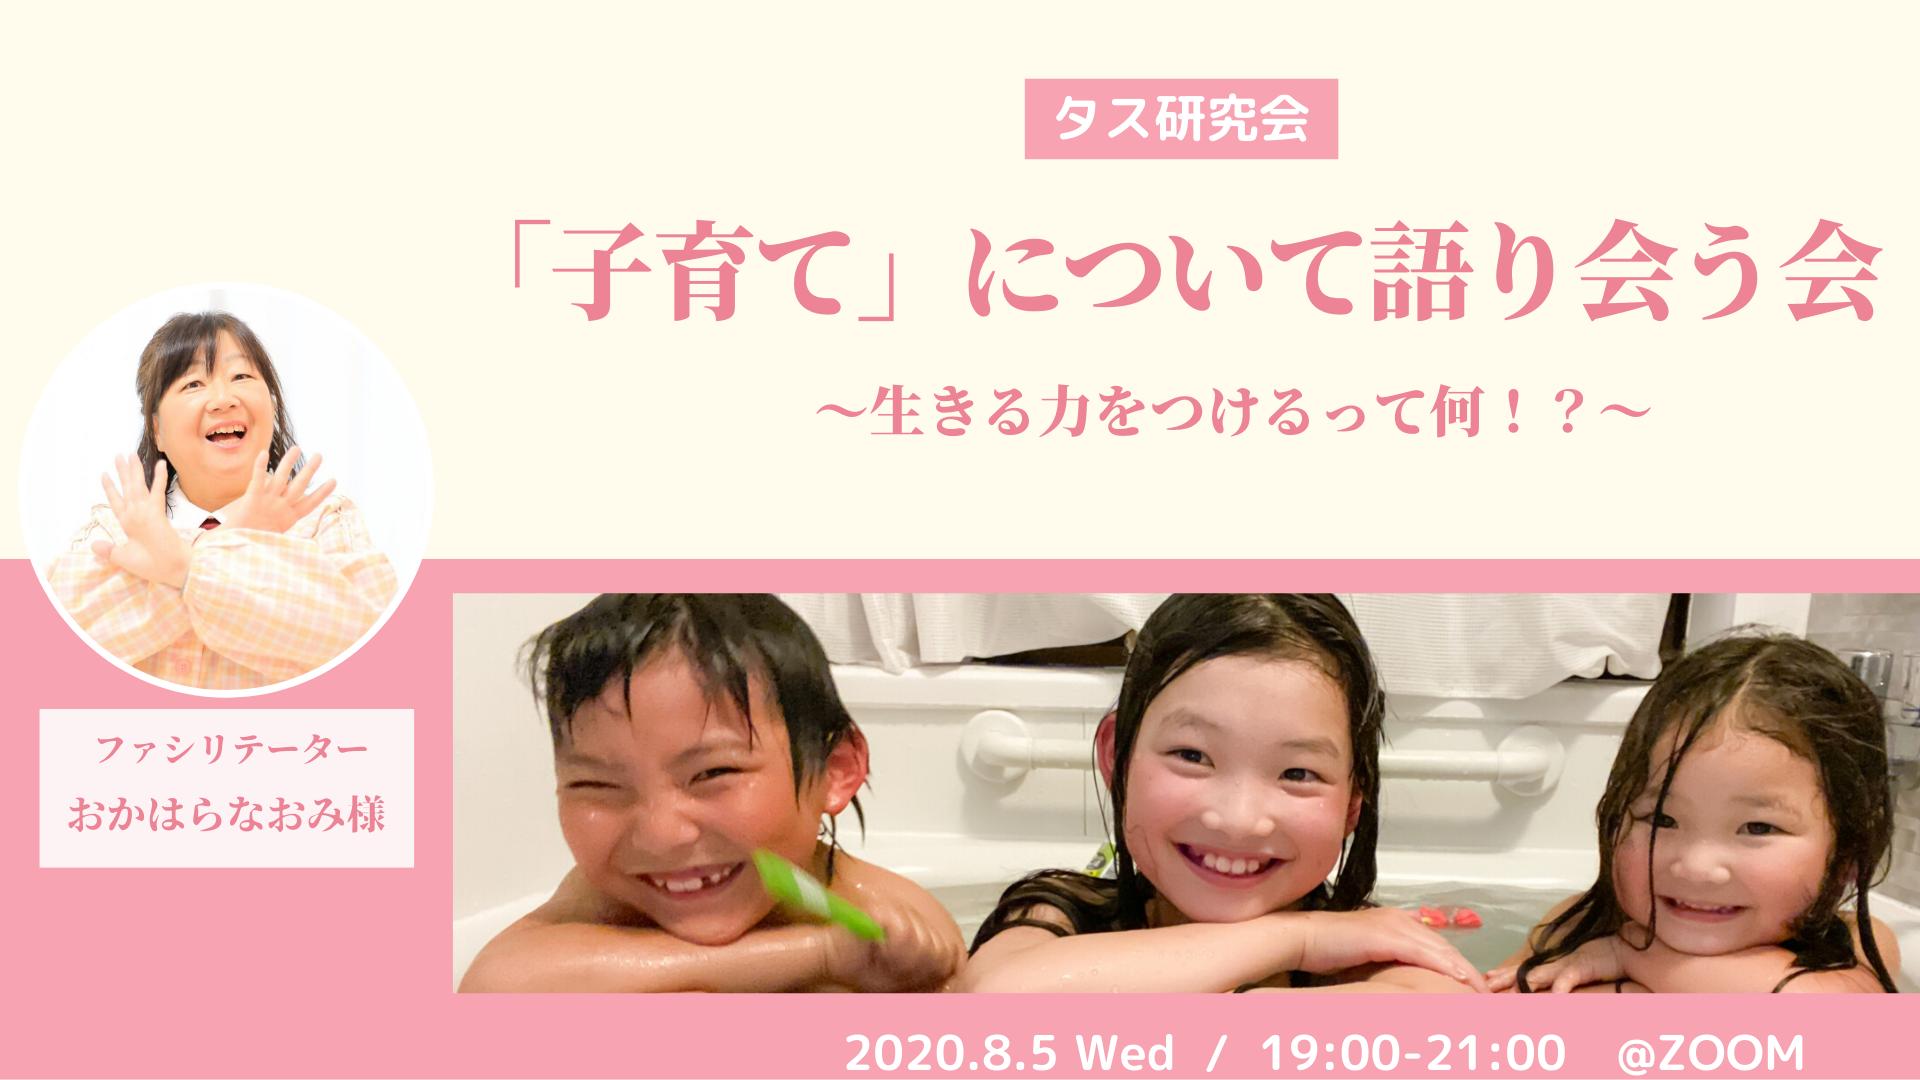 8/5 ☆タス研究会☆「子育て」について語り会う会 ~生きる力をつけるって何!?~